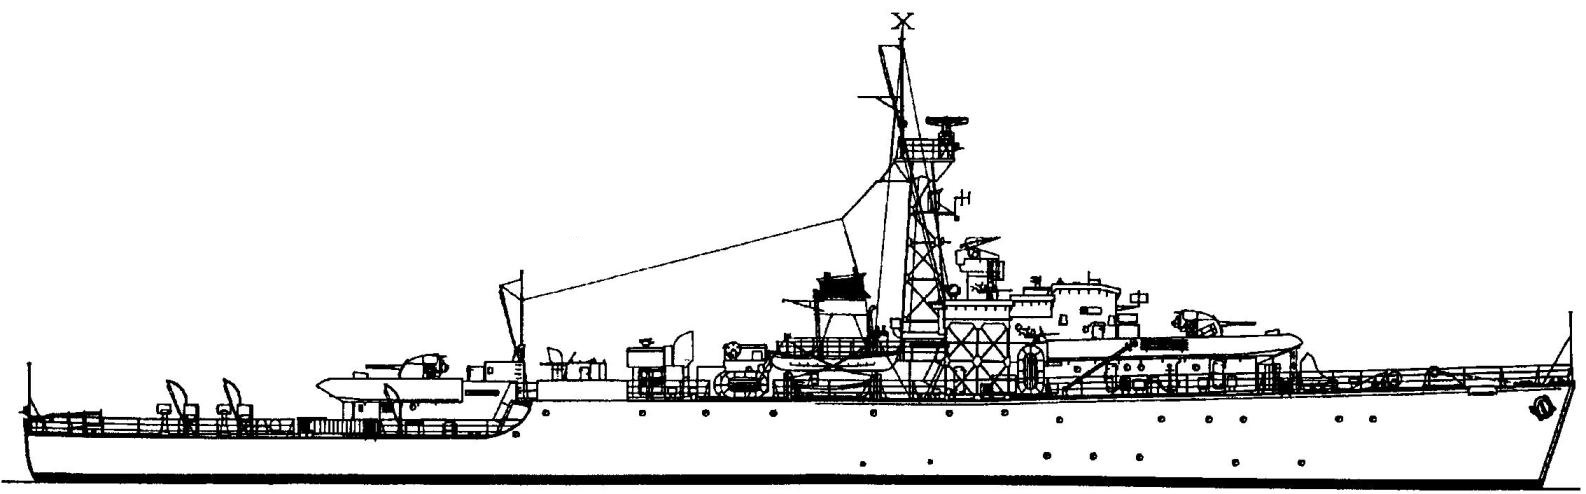 21. Фрегат «Лох Мур», Англия, 1944 г.